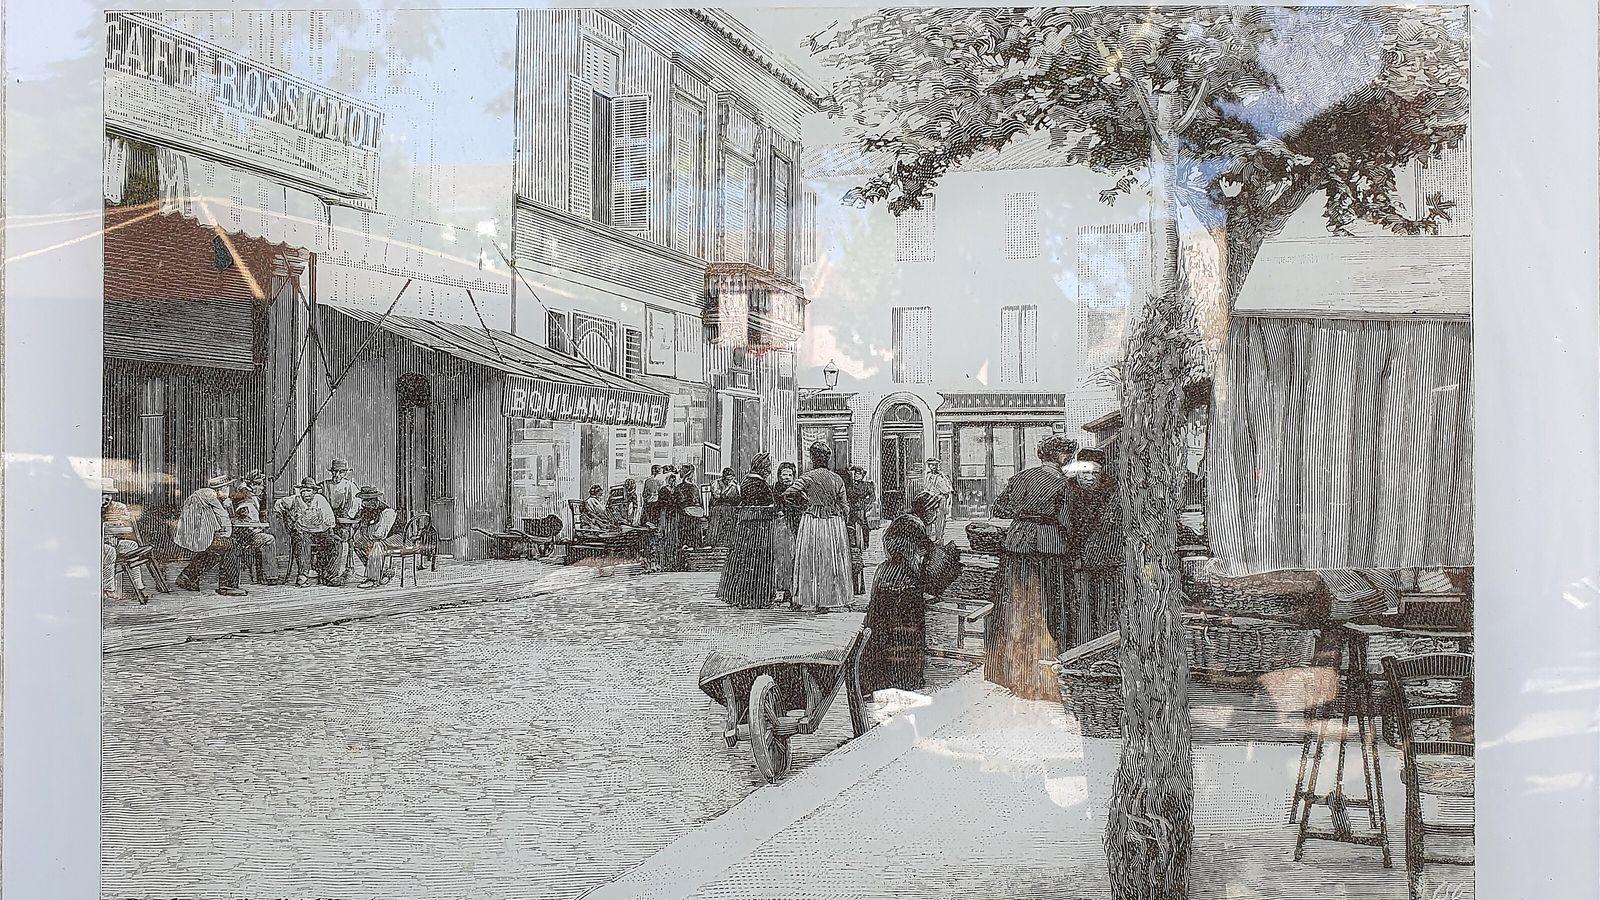 En 2018 la municipalité d'Aigues-Mortes a posé une plaque commémorative en hommage aux ouvriers italiens, tués ...